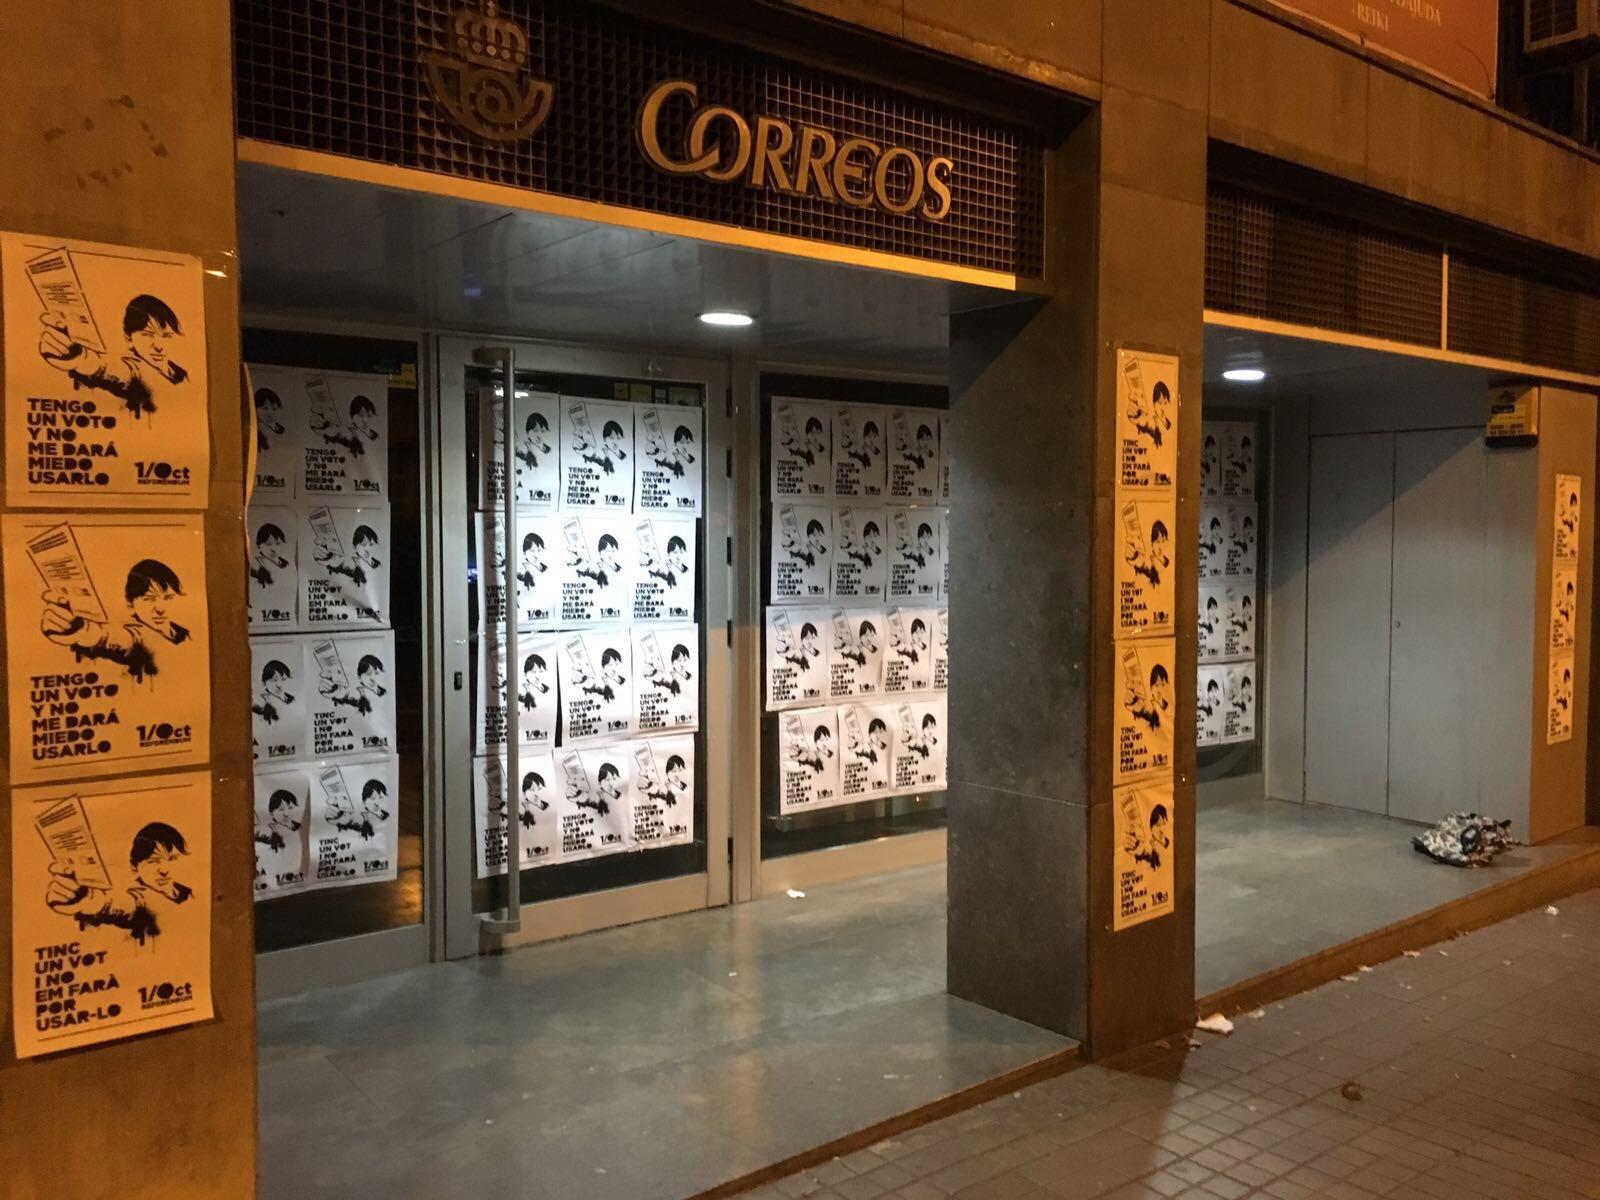 Moltes merc s vuelve a empapelar una oficina de correos for Oficina correus barcelona